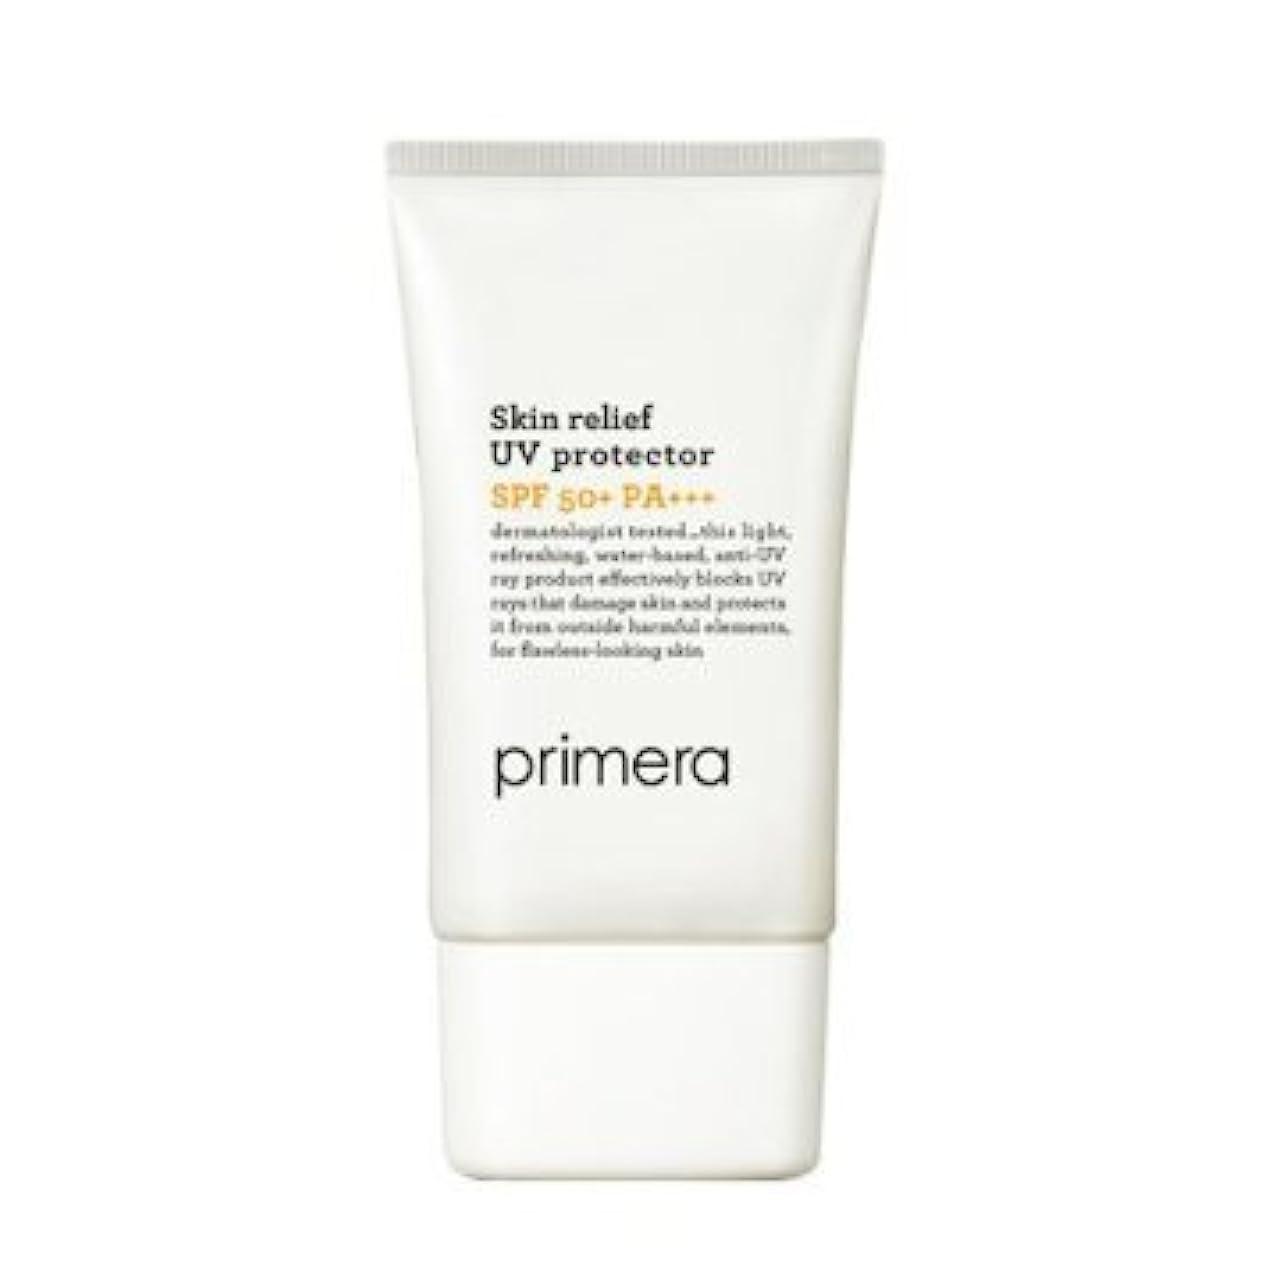 可塑性周波数石油Korean Cosmetics, Amorepacific Primera Skin Relief UV Protector SPF50+ PA+++ 50ml[行輸入品]